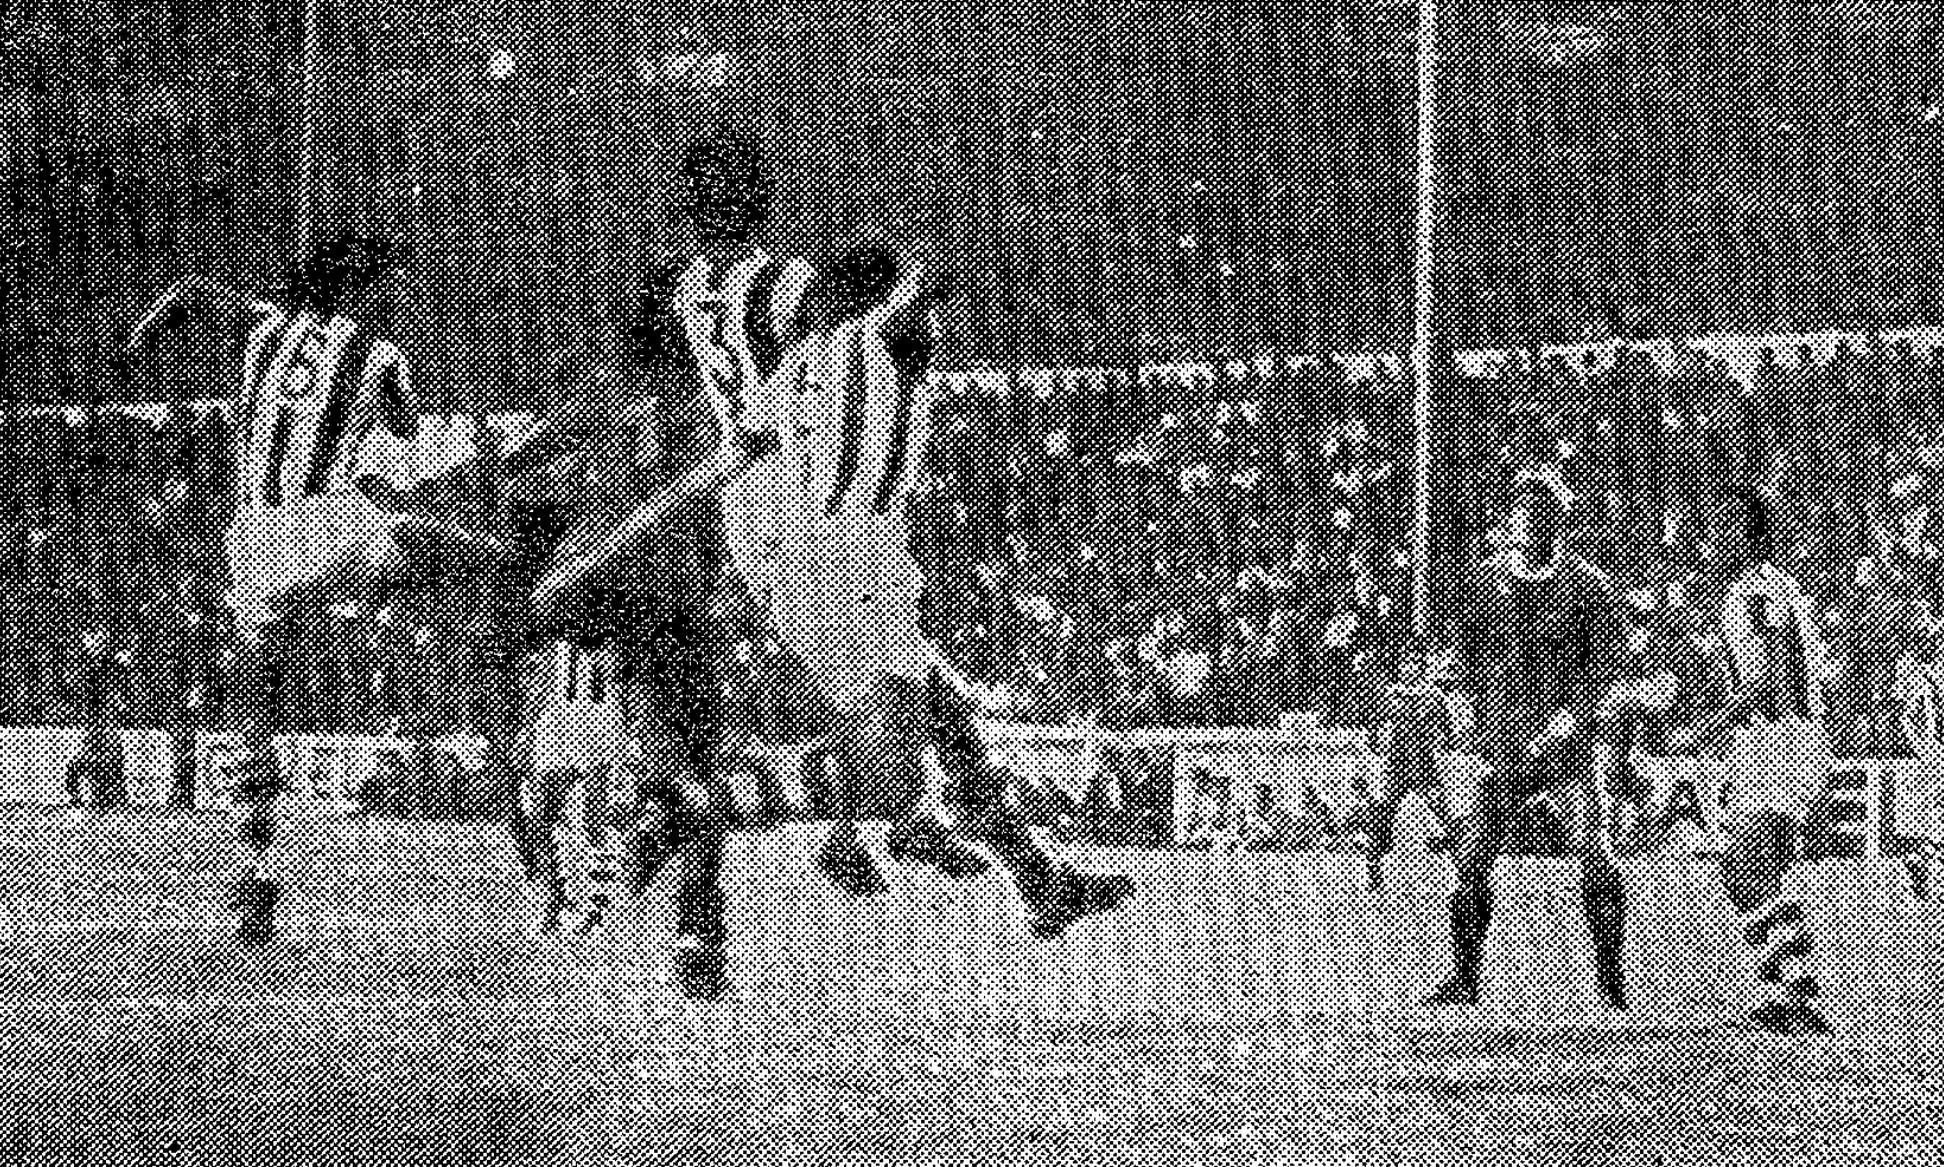 11.09.1976: Real Sociedad 2 - 2 Valencia CF